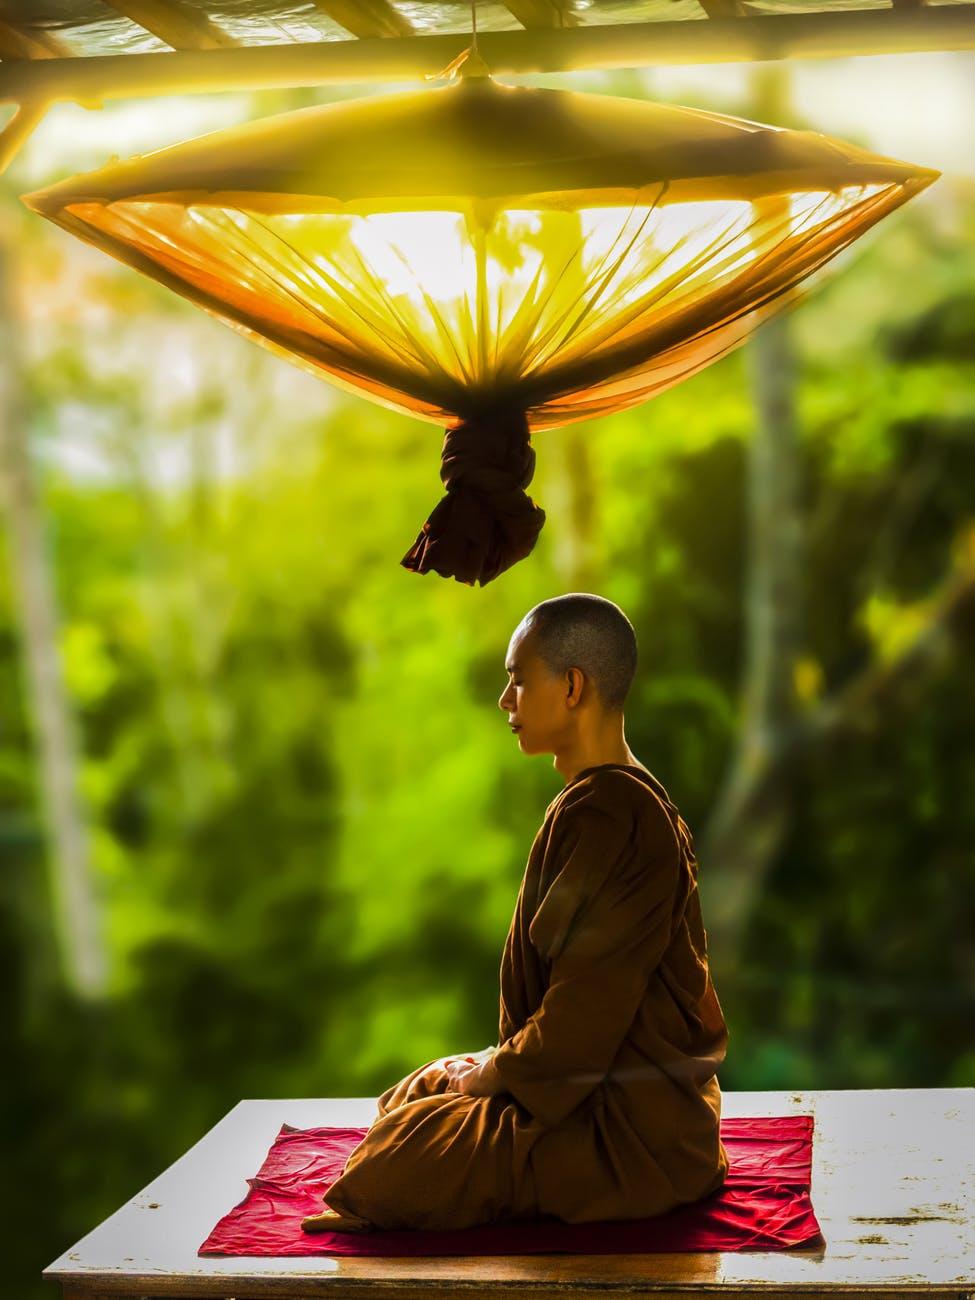 ಮಂಕುತಿಮ್ಮನ ಕಗ್ಗ –  ಜೀವನಯೋಗ  – Life as yoga